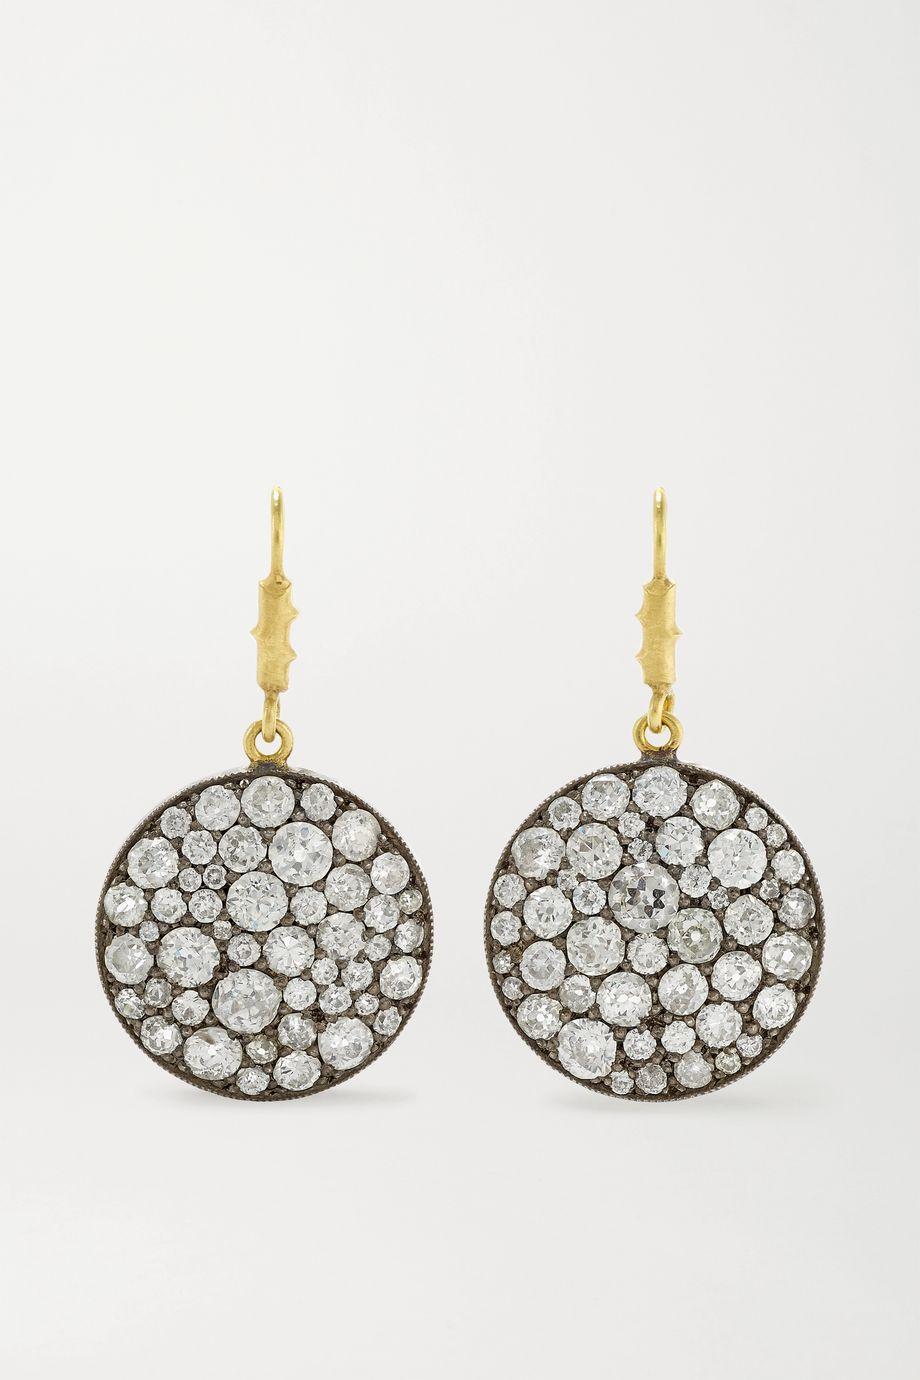 Sylva & Cie Ten Table Ohrringe aus 18 Karat Gold und Sterlingsilber mit Diamanten